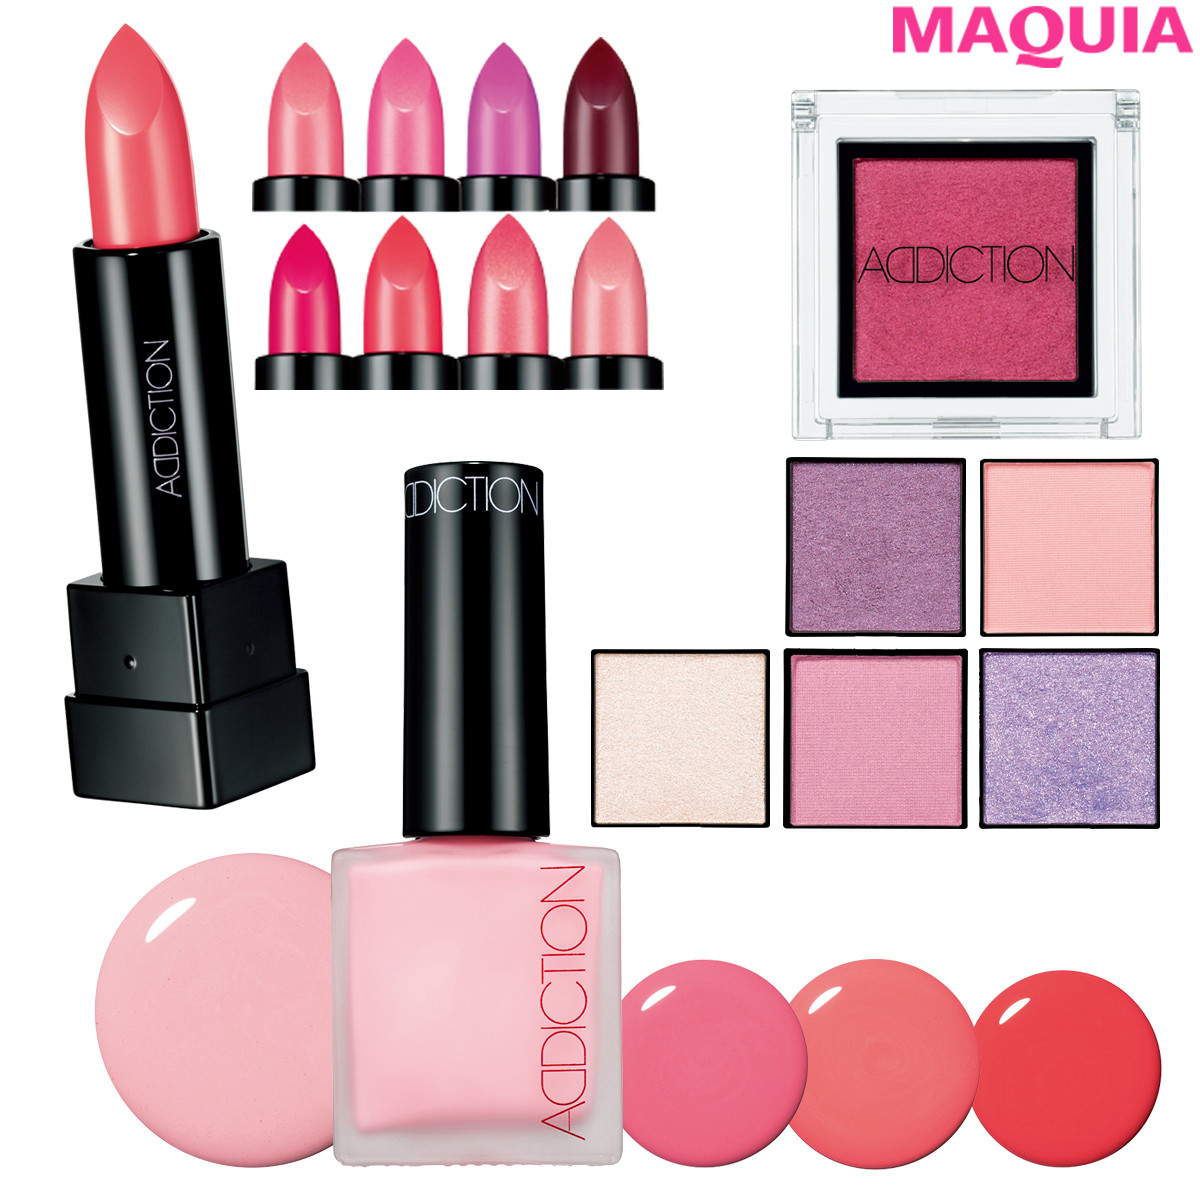 ピンクの魅力があふれる!アディクションの春新色でモードなおしゃれ顔に